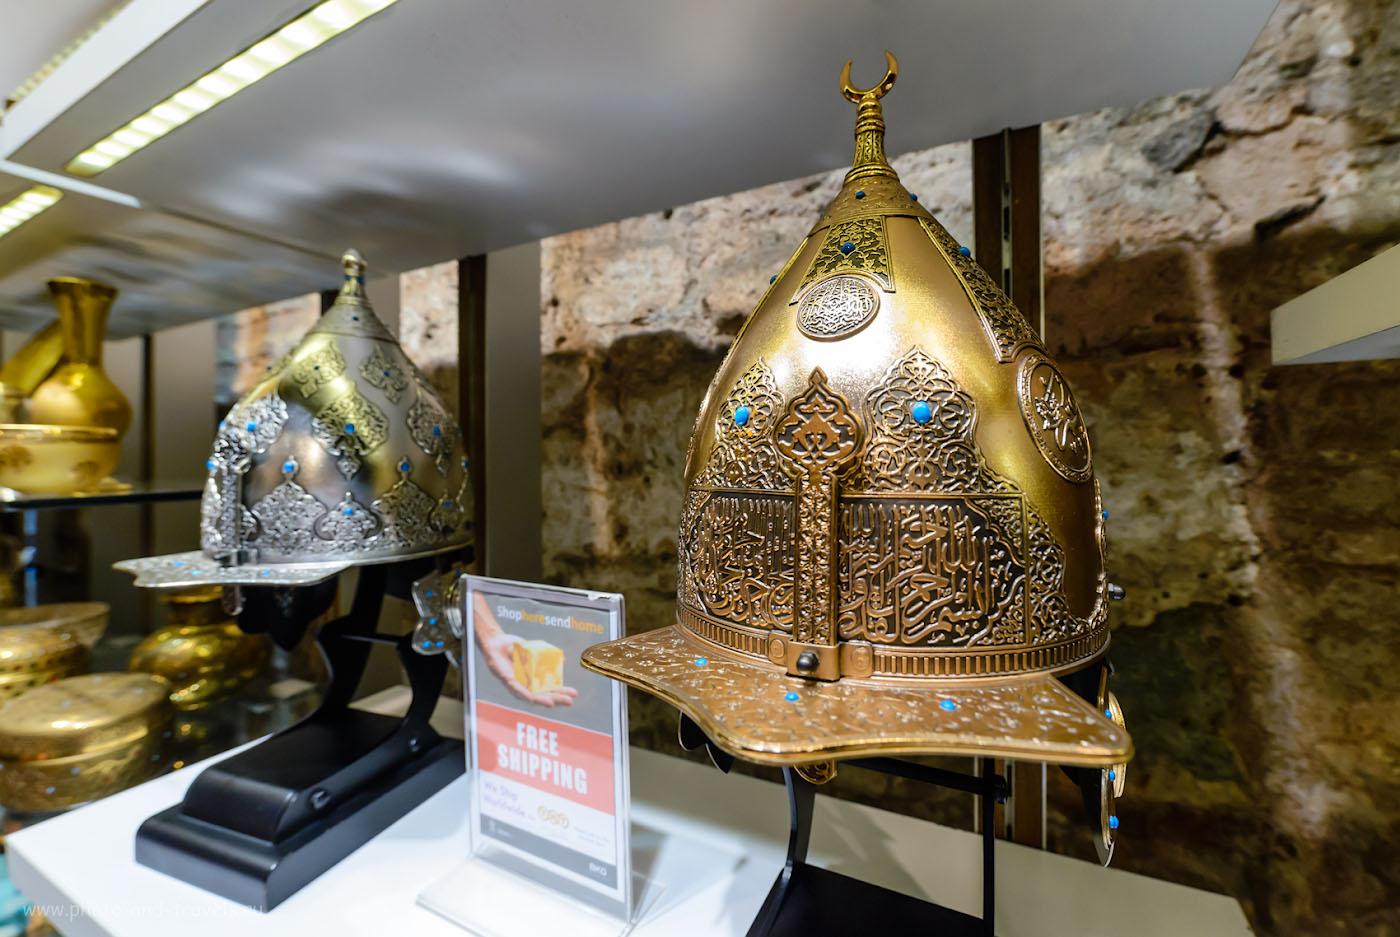 Фотография 33. Возможно, такие шлемы одевали воины, штурмовавшие стены Константинополя в 1453 году. 1/400, 5.6, 2500, 14.